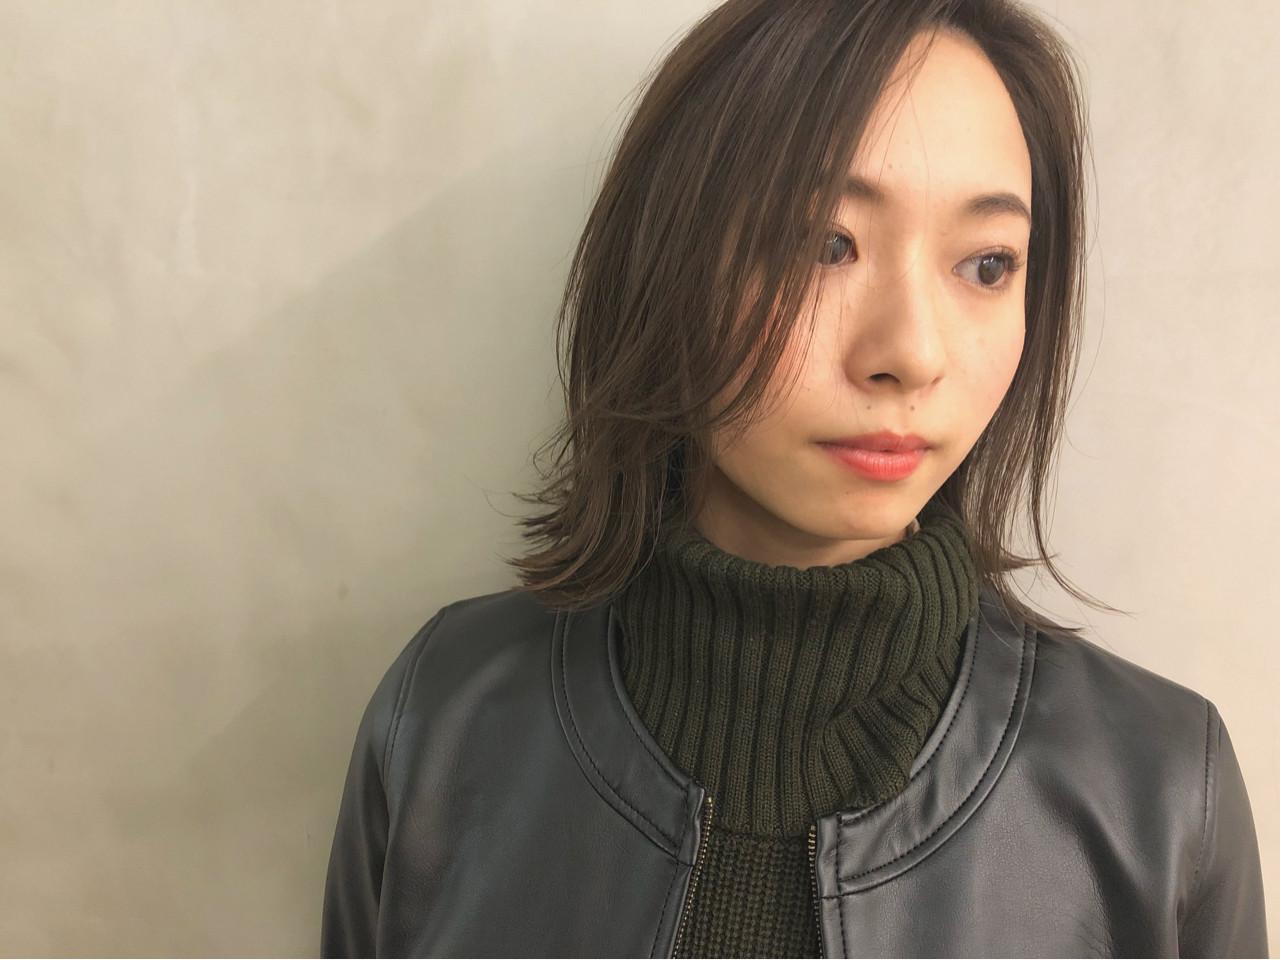 ボブ 結婚式 オフィス 成人式 ヘアスタイルや髪型の写真・画像 | 野田和宏 / PARKiiiNG